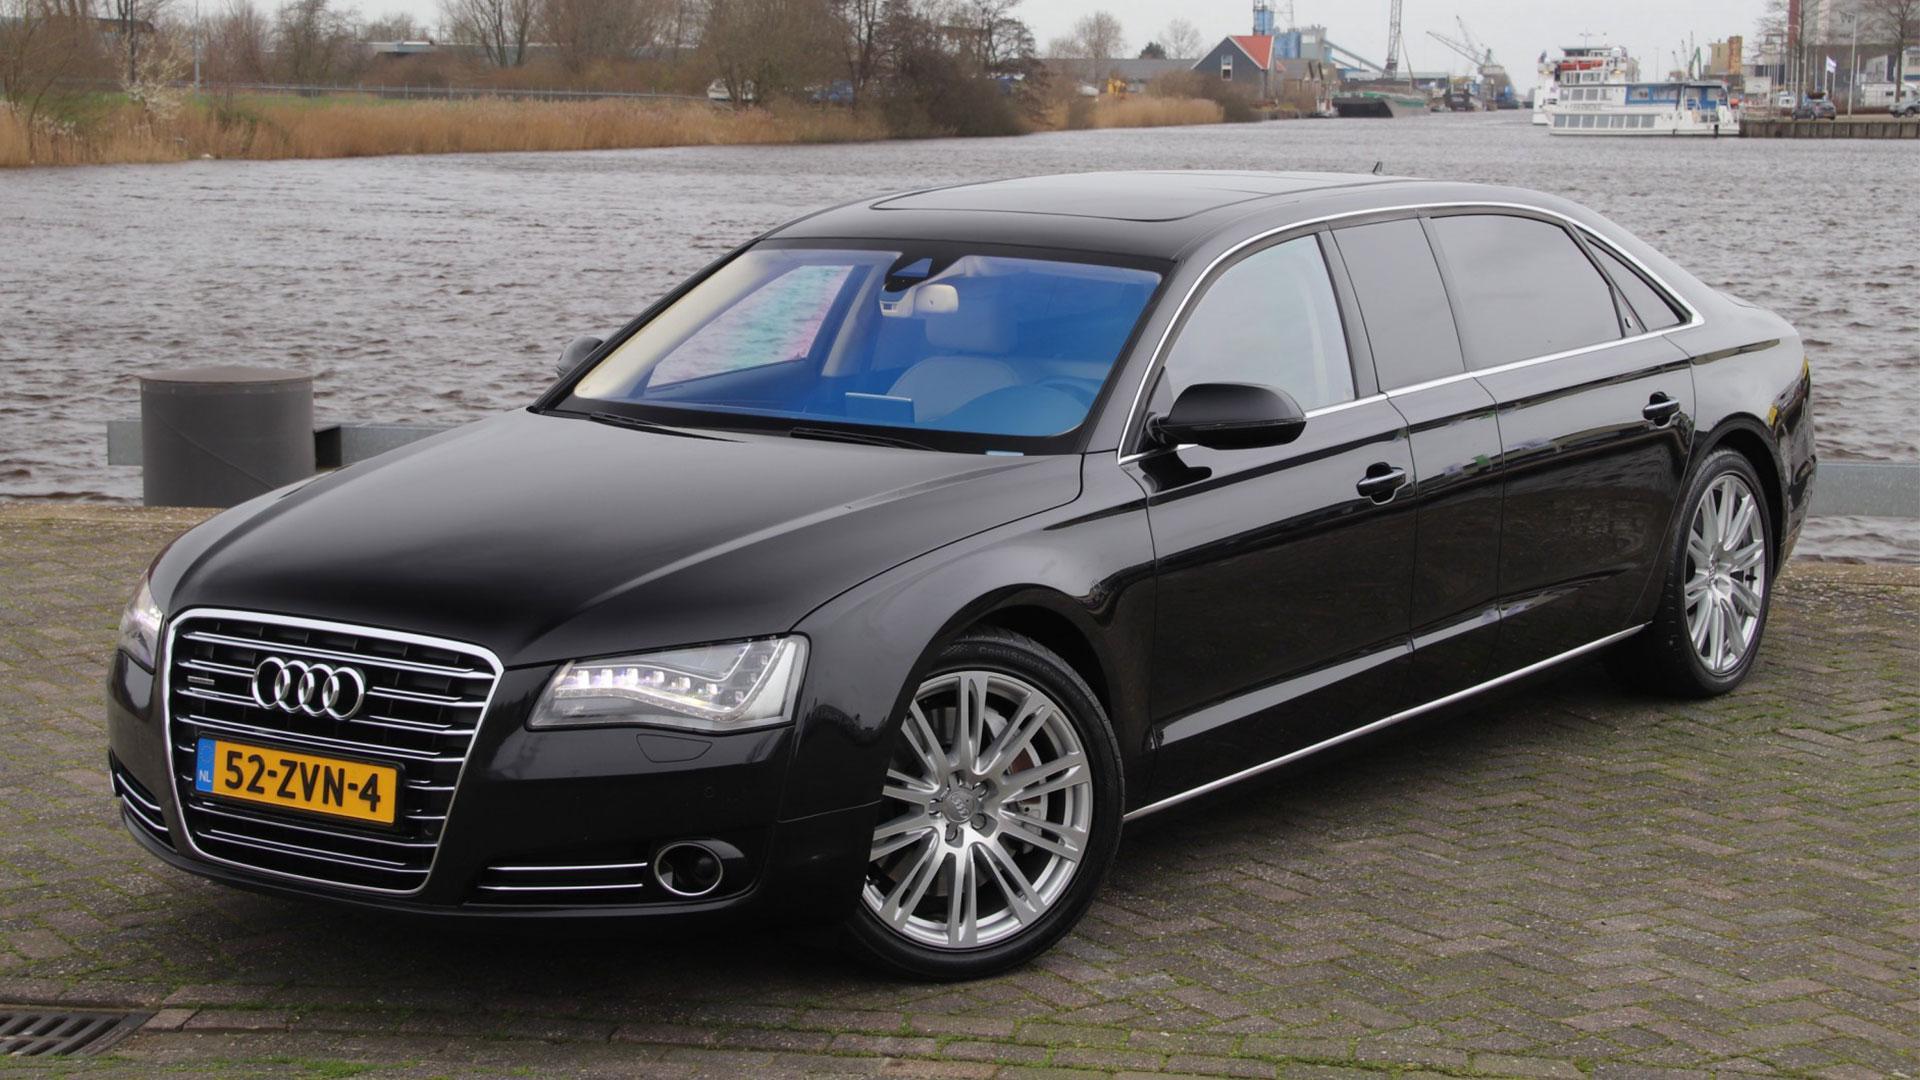 Audi A8 Limousine Remetzcar